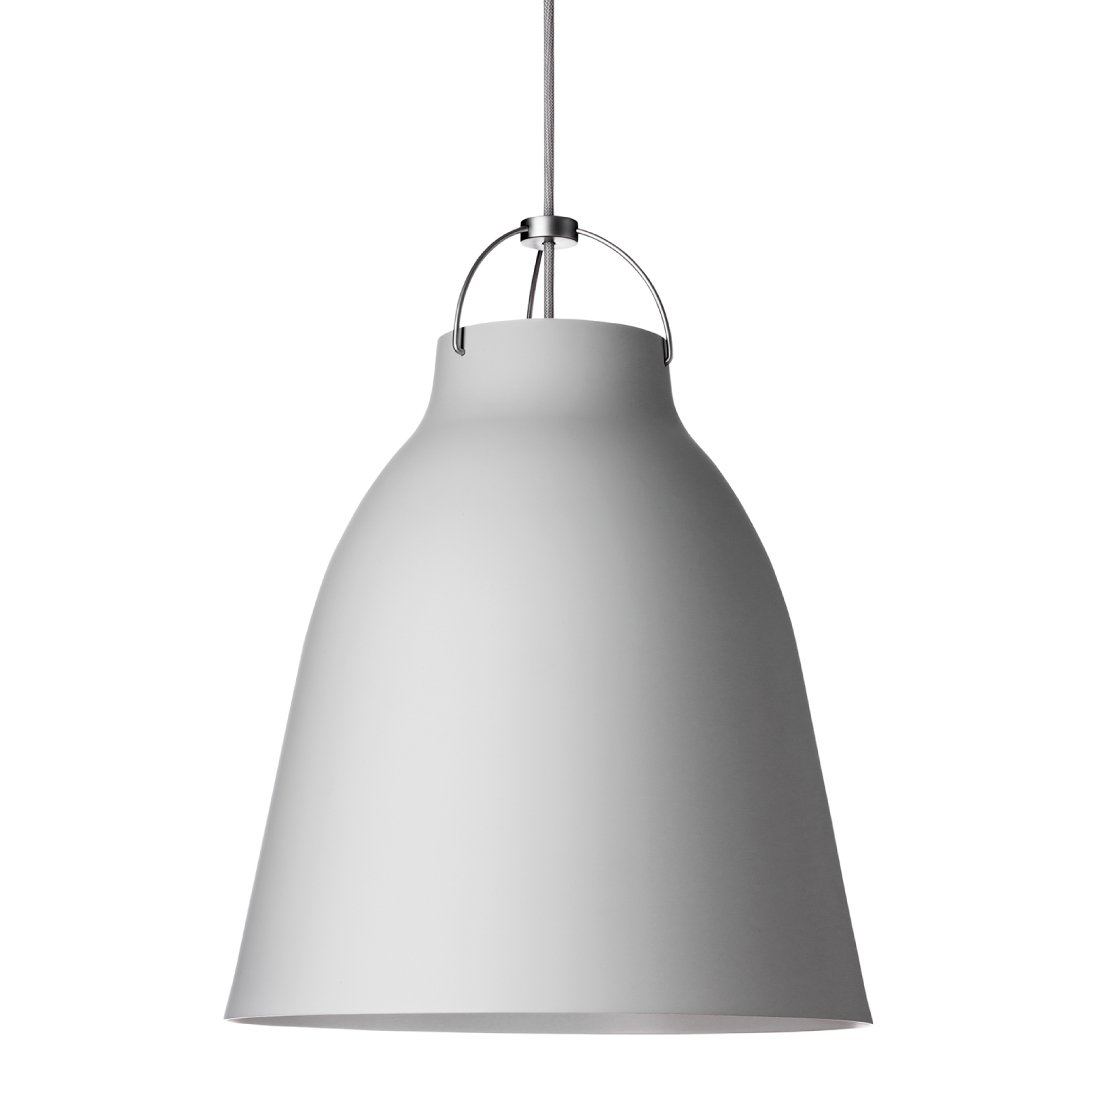 Lightyears Caravaggio P3 Mat Licht Grijs - Licht Grijs - Snoer 600 cm